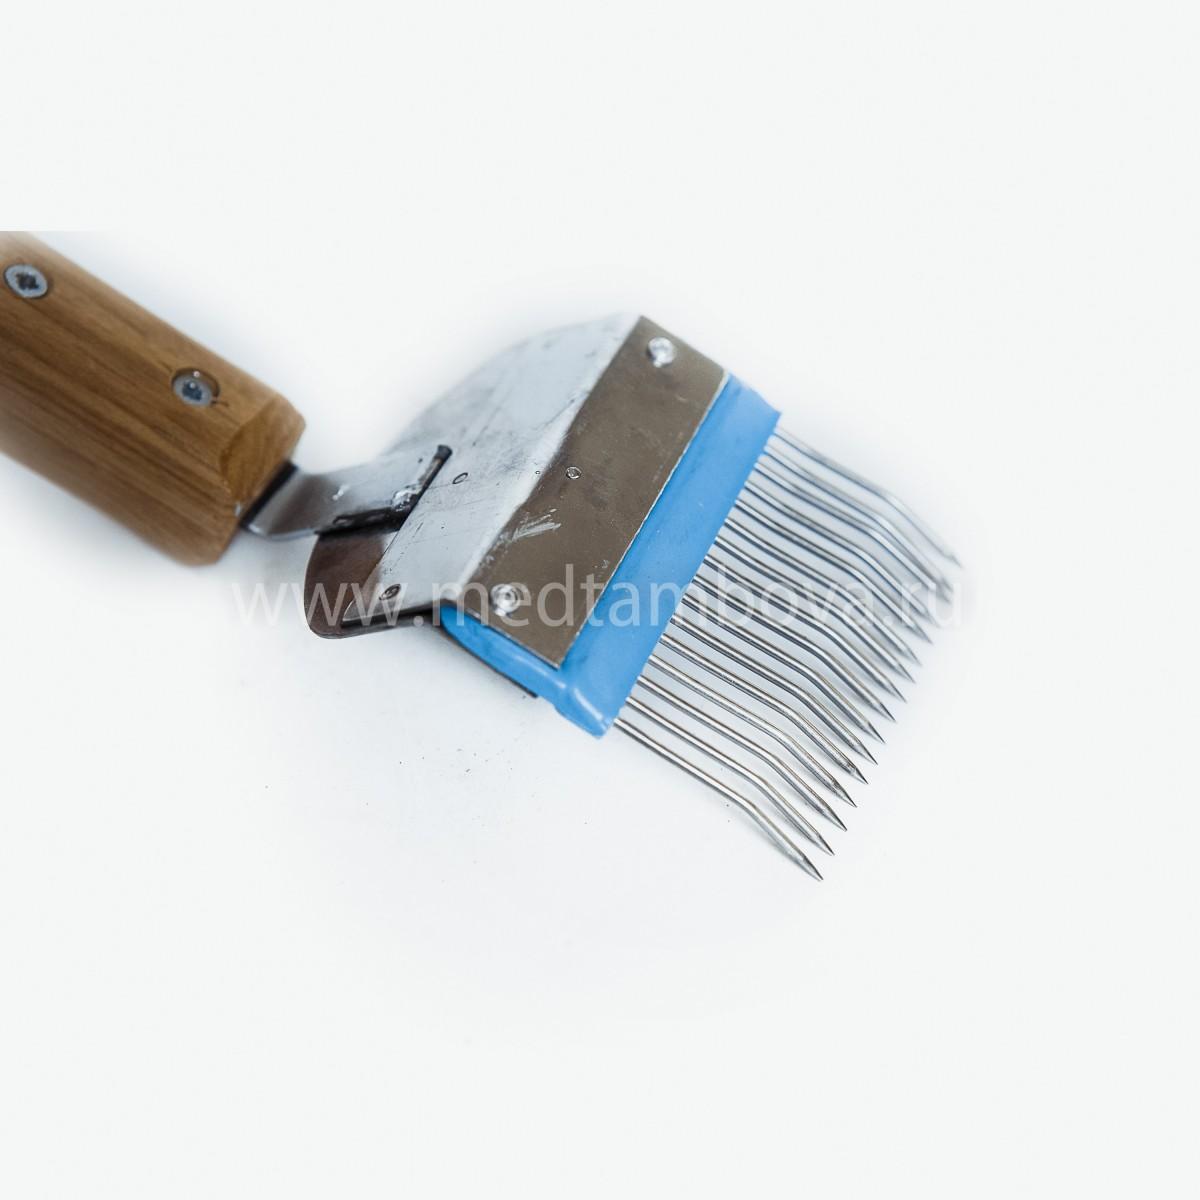 Вилка нержавейка игла гнутая ручка деревянная